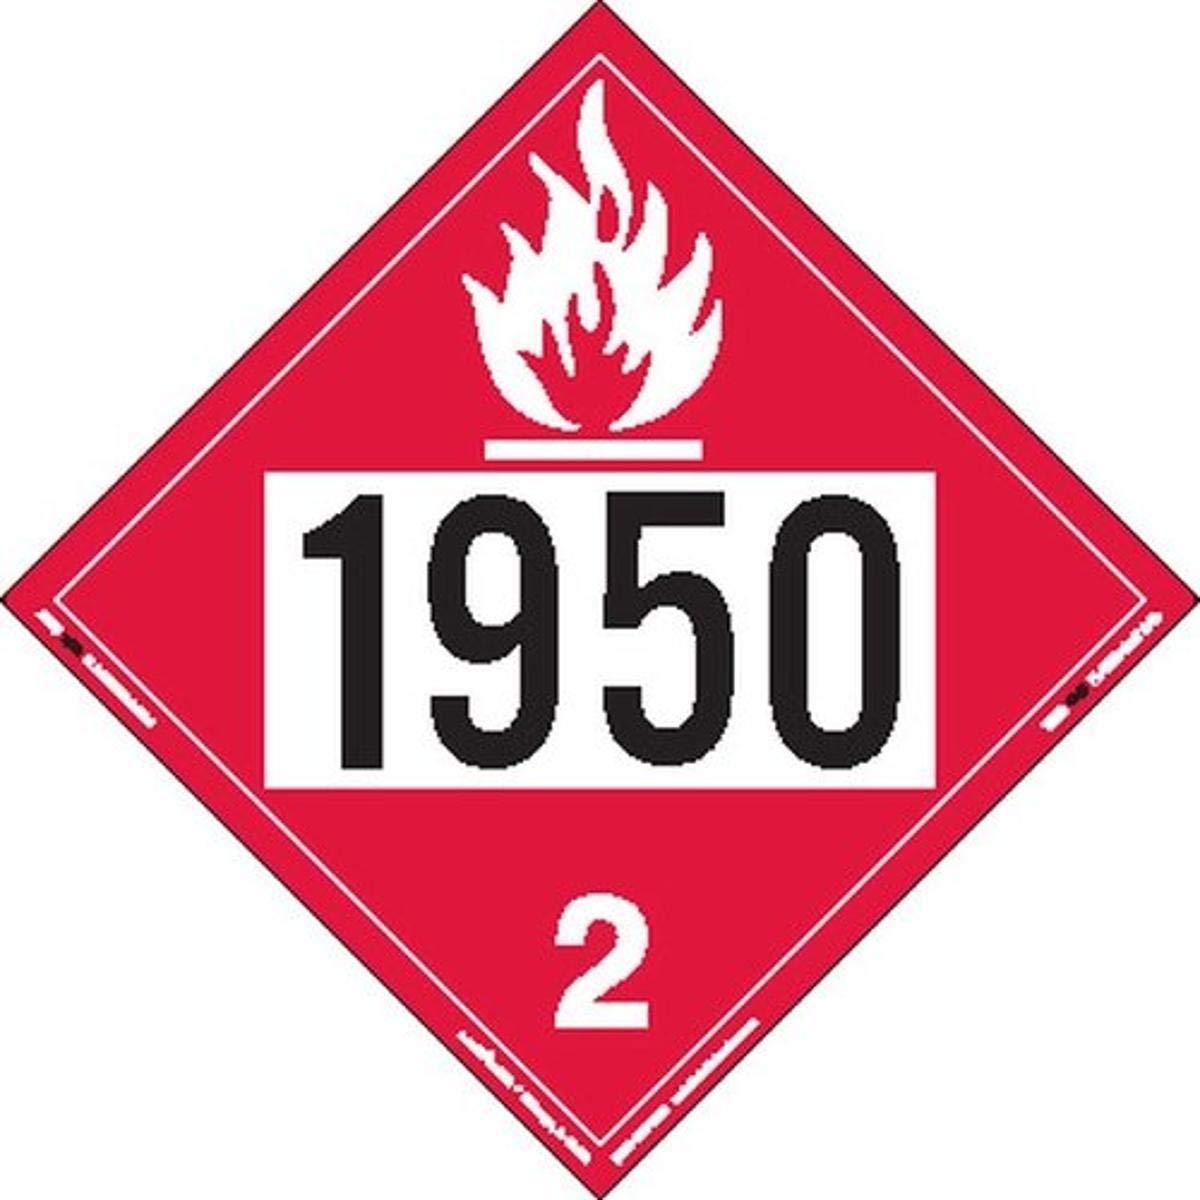 Labelmaster ZEZ81950 UN 1950 Flammable R Super beauty product restock quality top! Hazmat Gas E-Z Outlet sale feature Placard